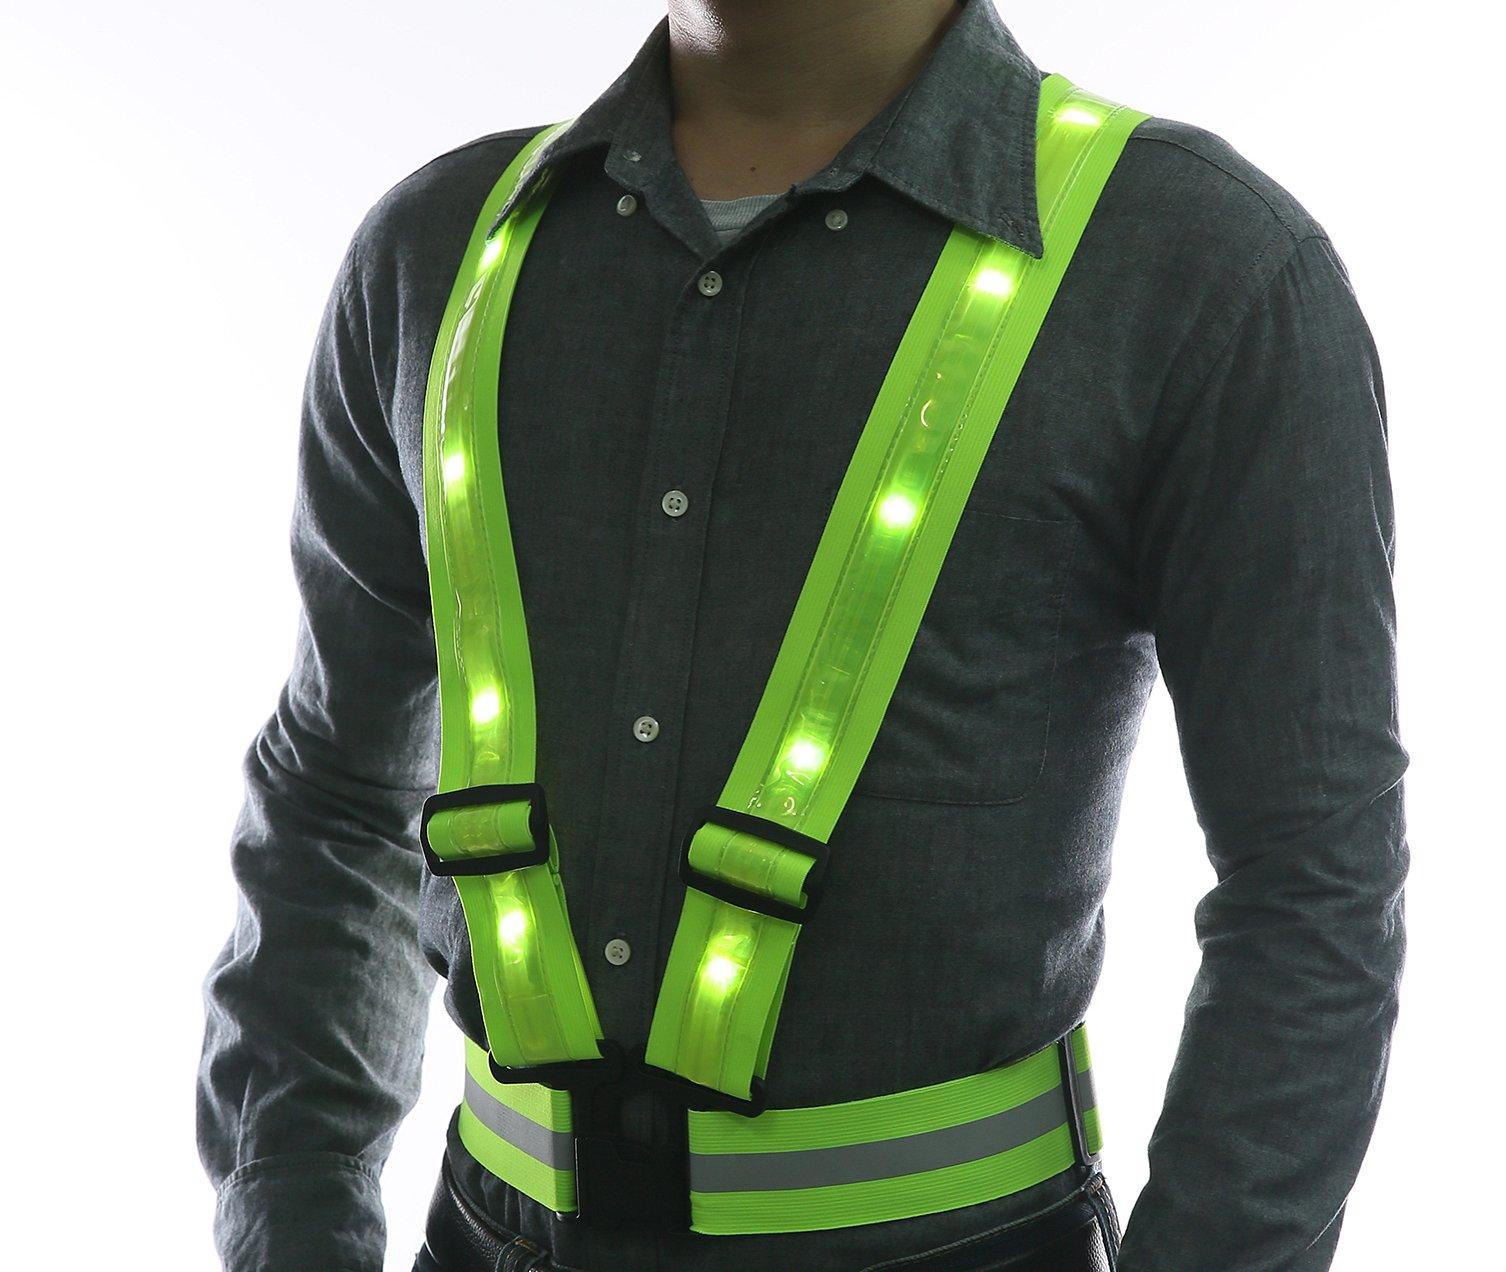 Glowseen - Bretelle per gilet di sicurezza ad alta visibilità, con strisce riflettenti, luci a LED,